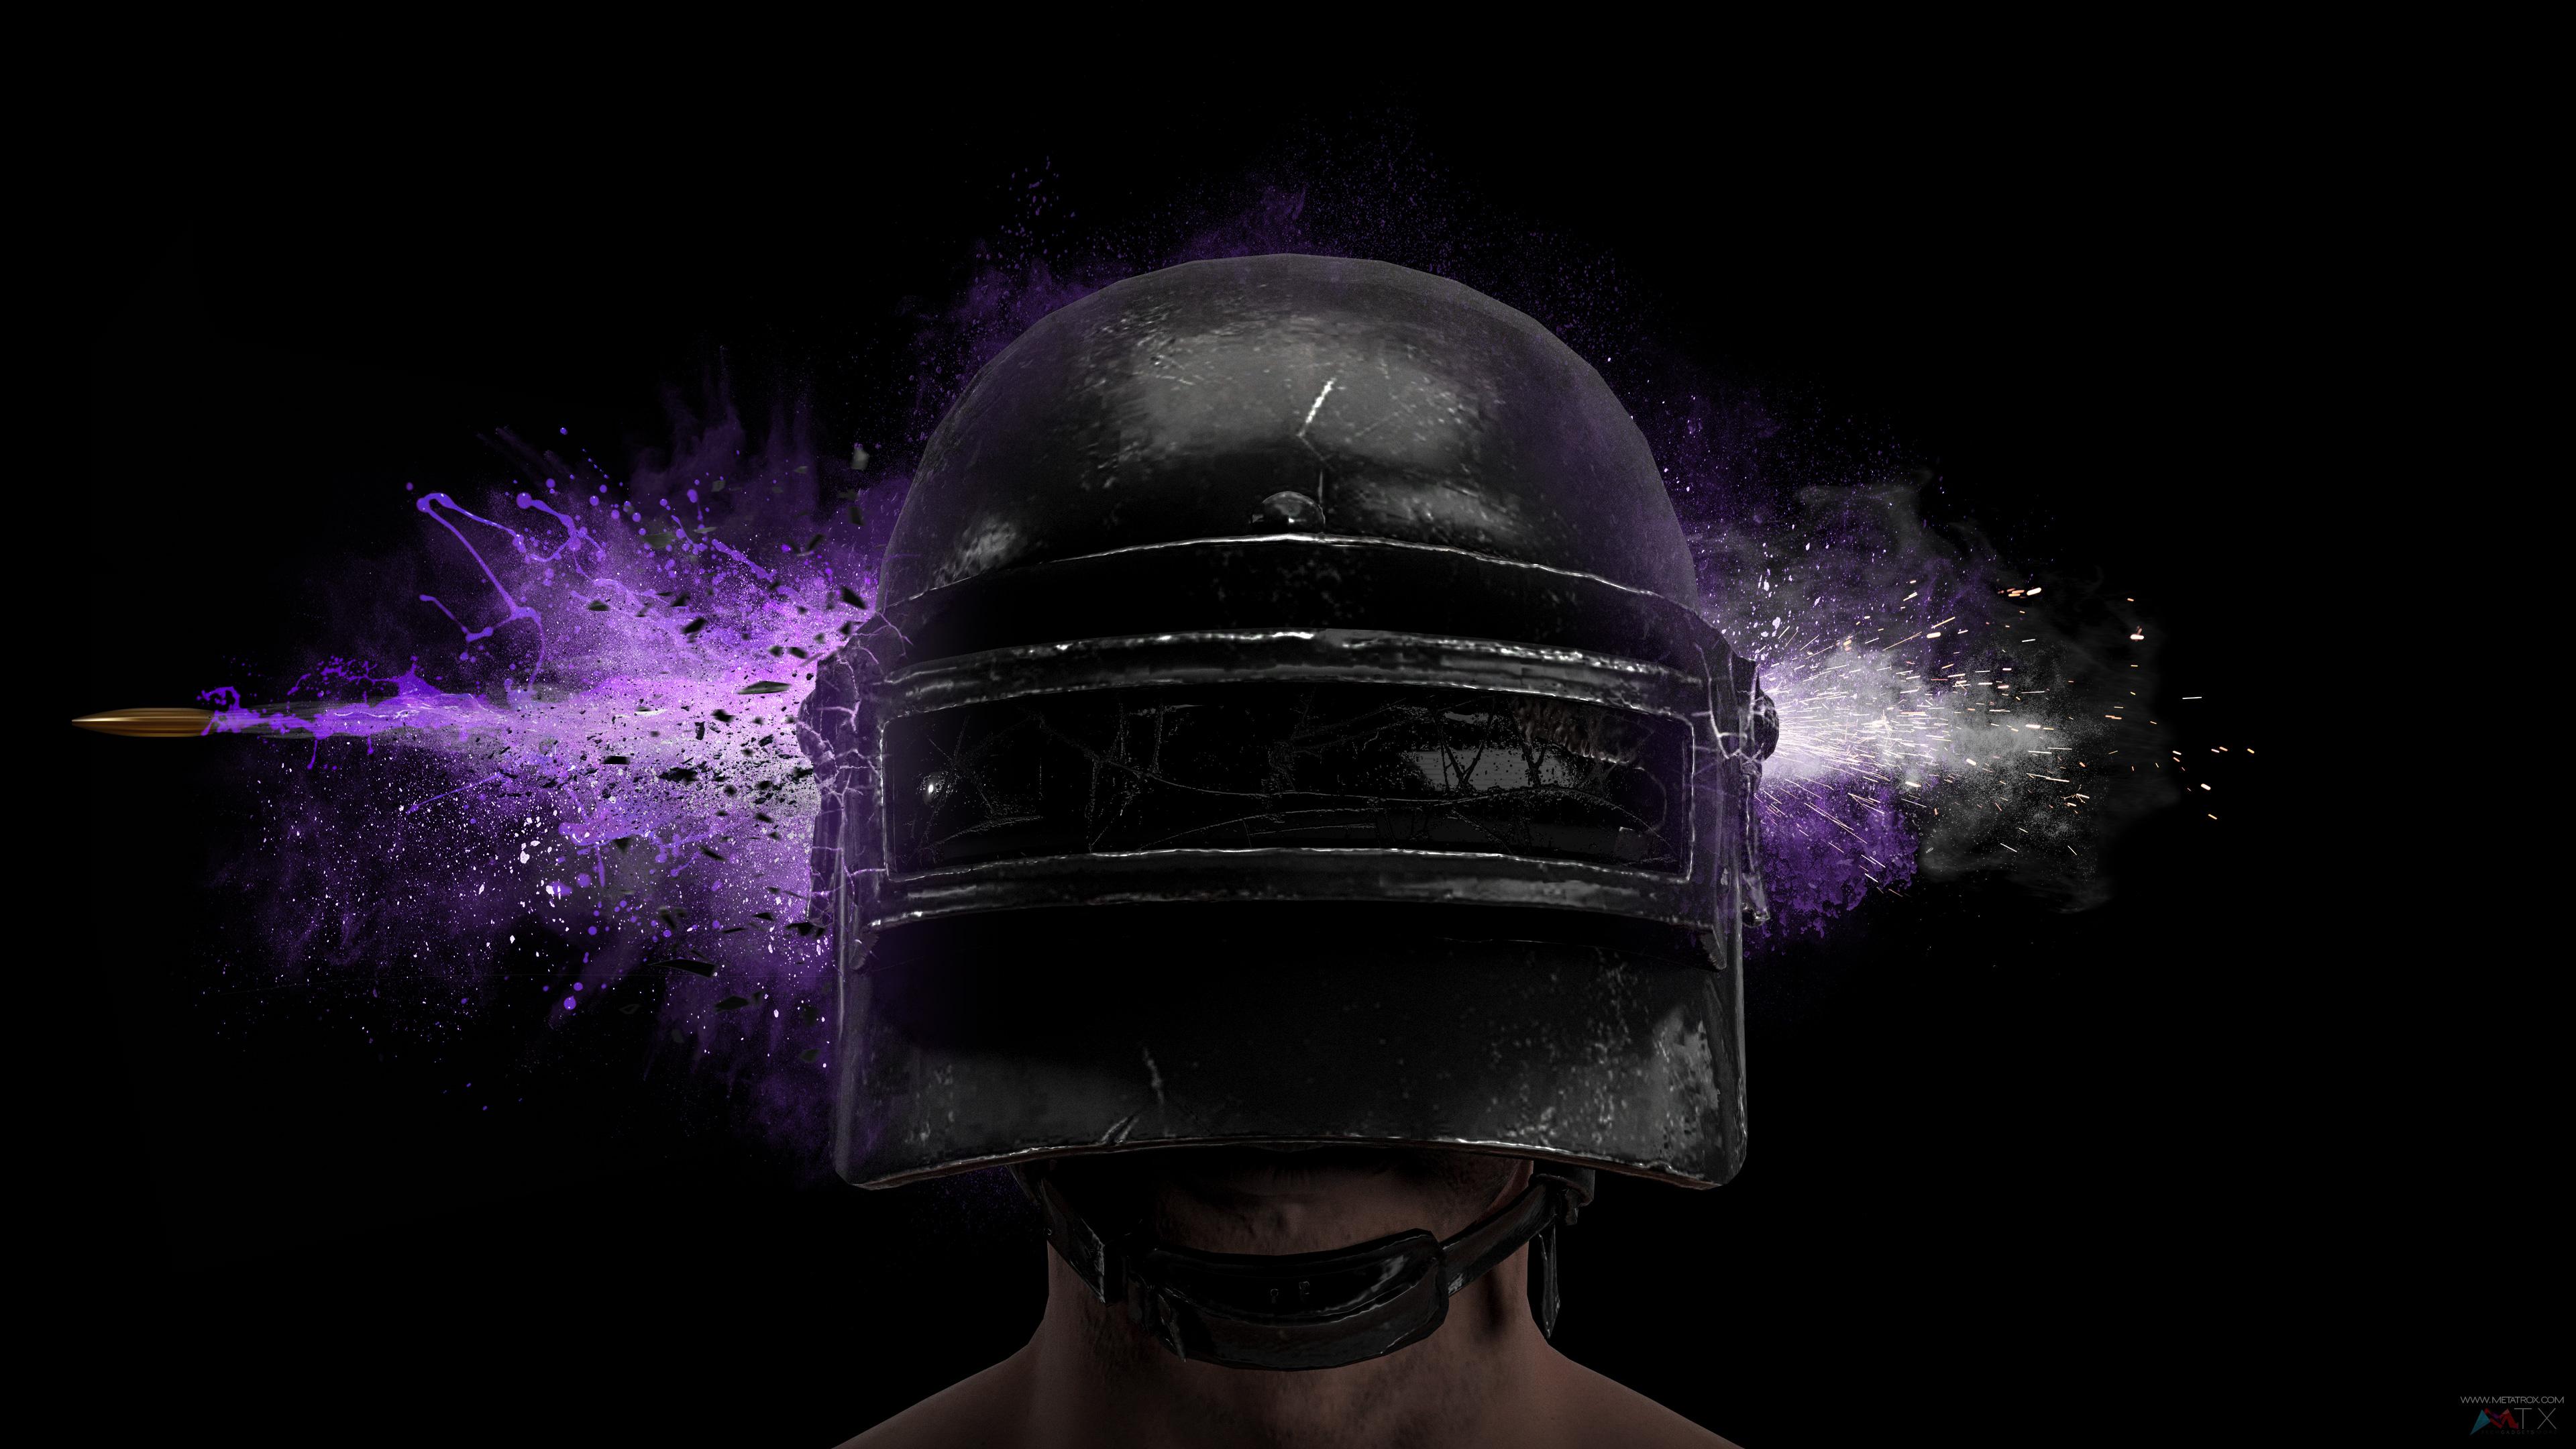 pubg playerunknown s battlegrounds 4k helmet wallpaper 1544827518 - PUBG PlayerUnknown's Battlegrounds 4K helmet Wallpaper - PlayerUnknown's Battlegrounds (PUBG)